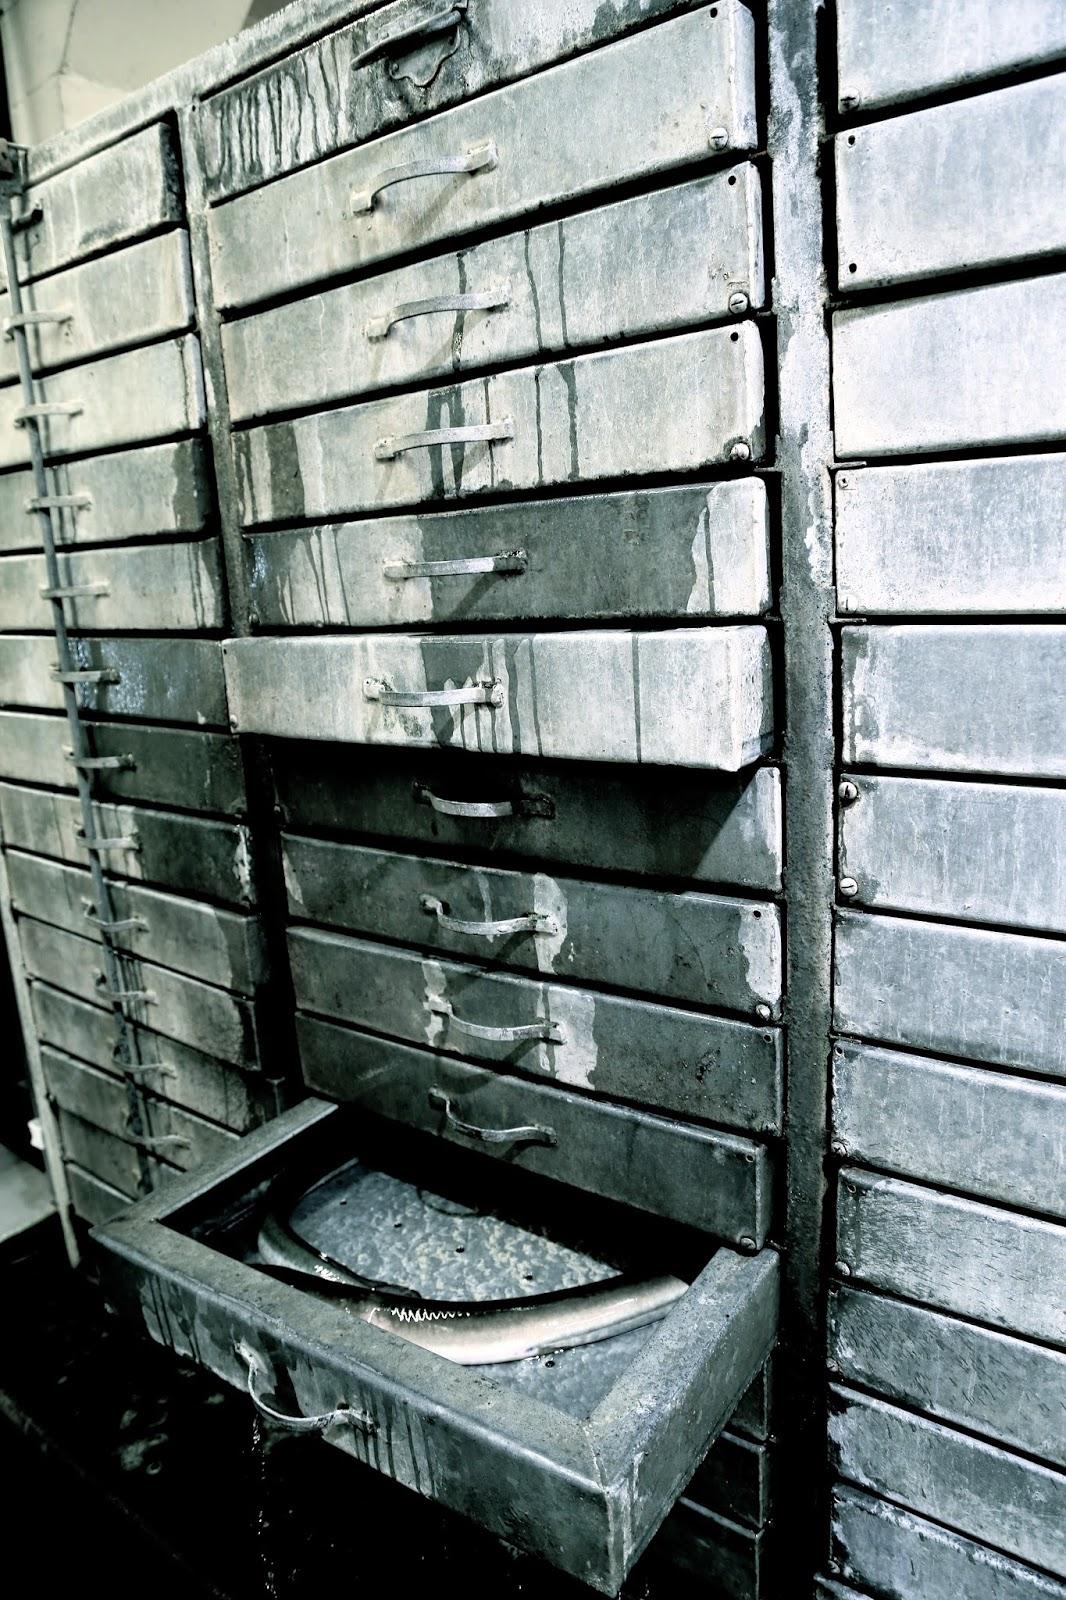 The eel drawers, Billingsgate